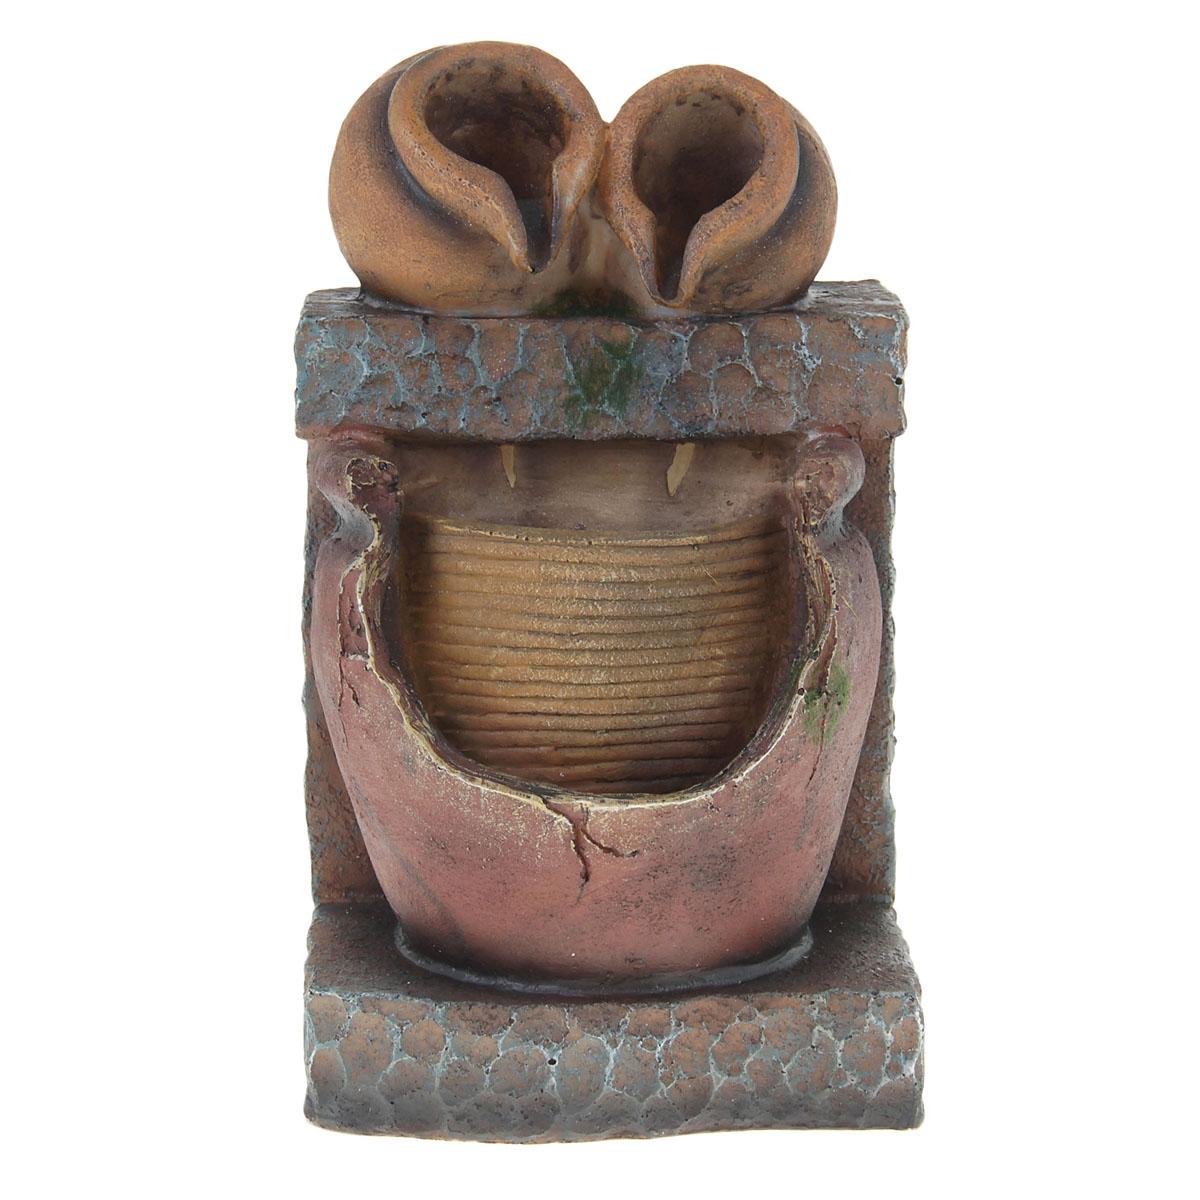 Фонтан Sima-land Кувшины. 851254758846Фонтан Sima-land Кувшины, изготовленный из полистоуна, украсит интерьер любого помещения. Изделие выполнено в виде двух опрокинутых кувшинов. По древнекитайскому учению Фен-Шуй фонтаны являются символами жизненной энергии, изобилия. В комнате их нужно размещать в зоне карьеры и удачи. Тогда фонтаны привлекут в ваш дом богатство, материальный достаток. Даже если вы не являетесь поклонником Фен-Шуй, фонтаны наполнят помещение тихим, мелодичным журчанием воды, что благотворно скажется на вашей нервной системе и позволит снять стресс.Каждому хозяину периодически приходит мысль обновить свою квартиру, сделать ремонт, перестановку или кардинально поменять внешний вид каждой комнаты. Фонтан - привлекательная деталь в обстановке, которая поможет воплотить вашу интерьерную идею, создать неповторимую атмосферу в вашем доме. Окружите себя приятными мелочами, пусть они радуют взгляд и дарят гармонию. Фонтан работает от сети 220В.